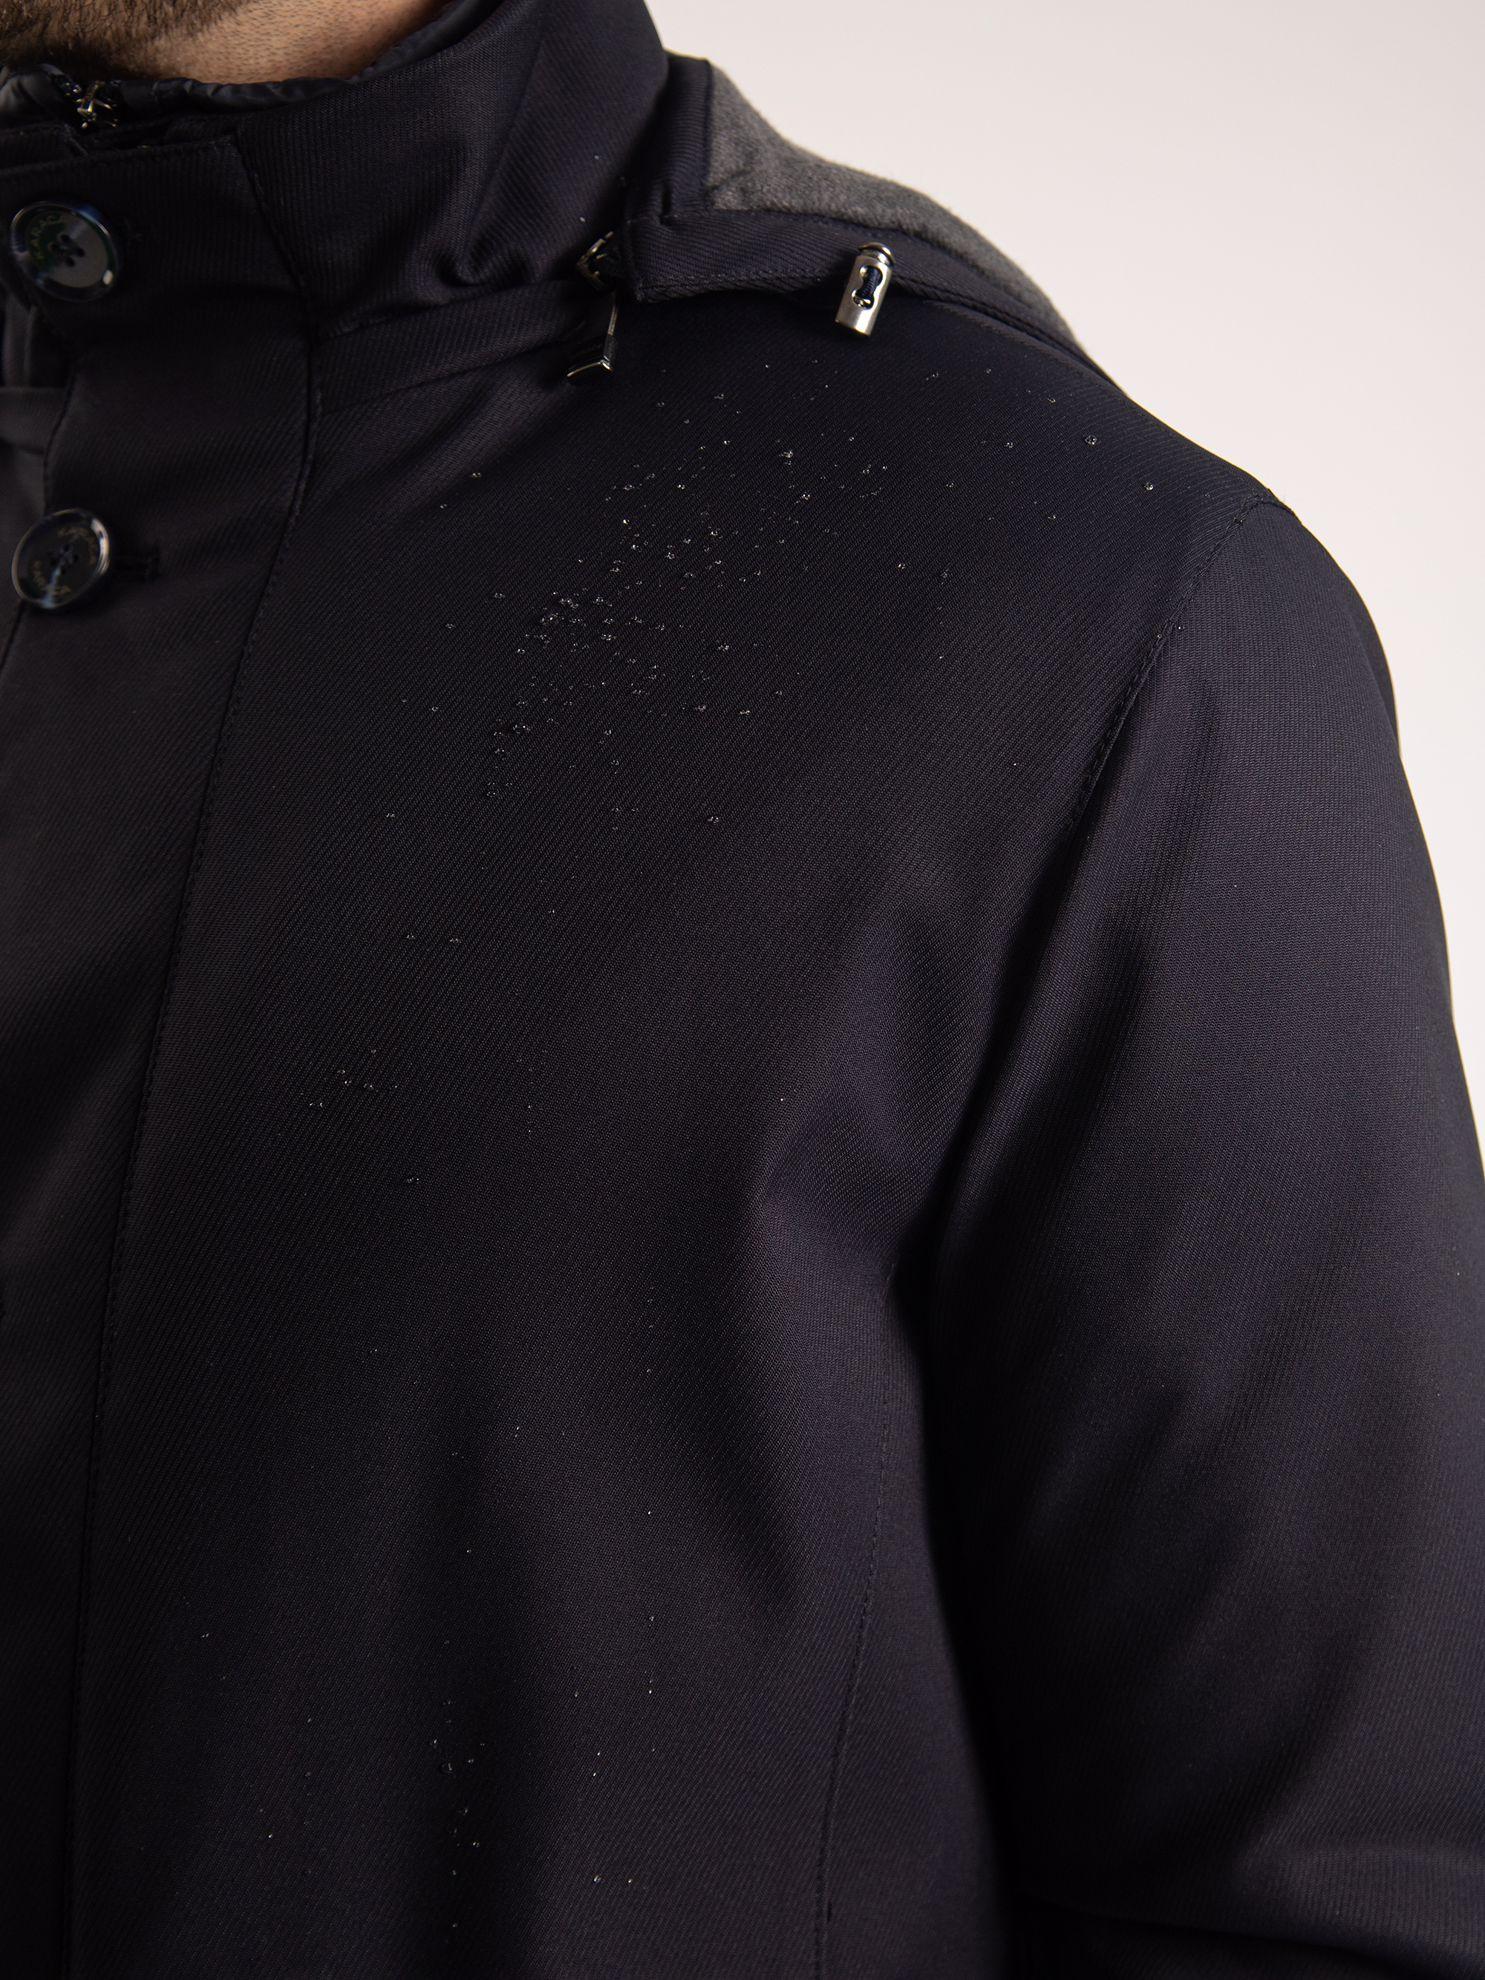 Karaca Erkek Kaban-Lacivert. ürün görseli